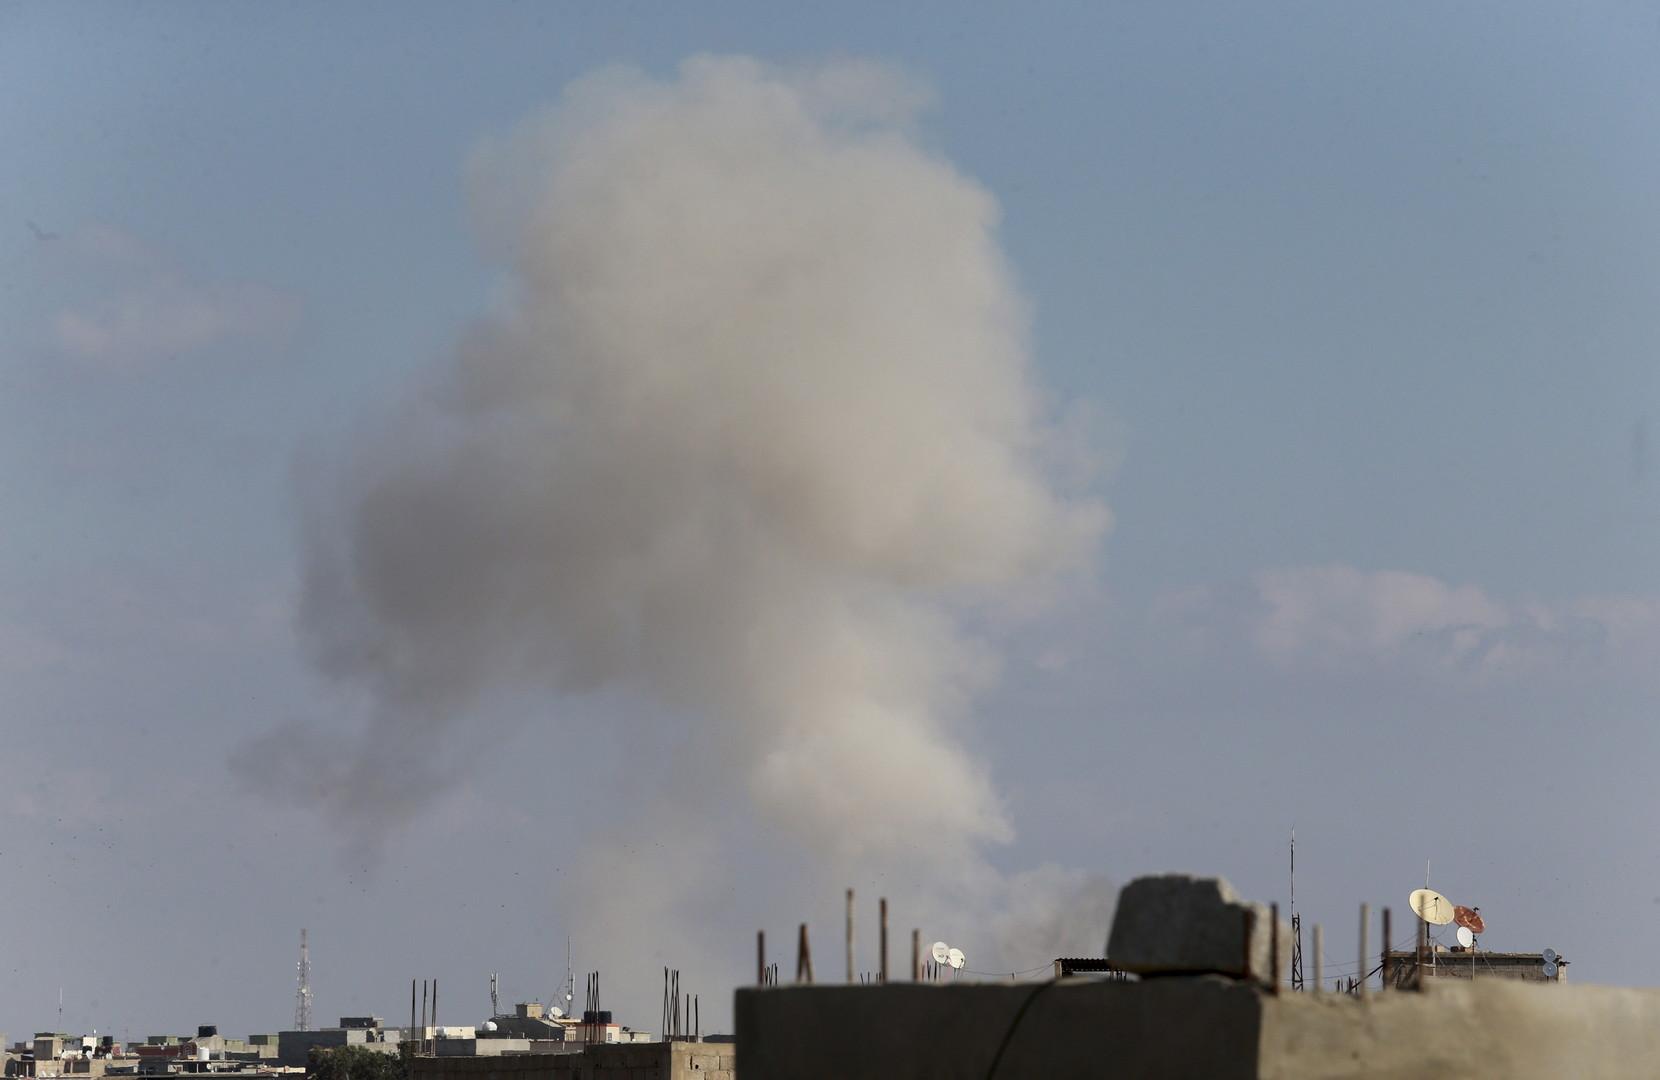 مراسلنا: غارة جوية على مطار زوارة غرب طرابلس في ليبيا